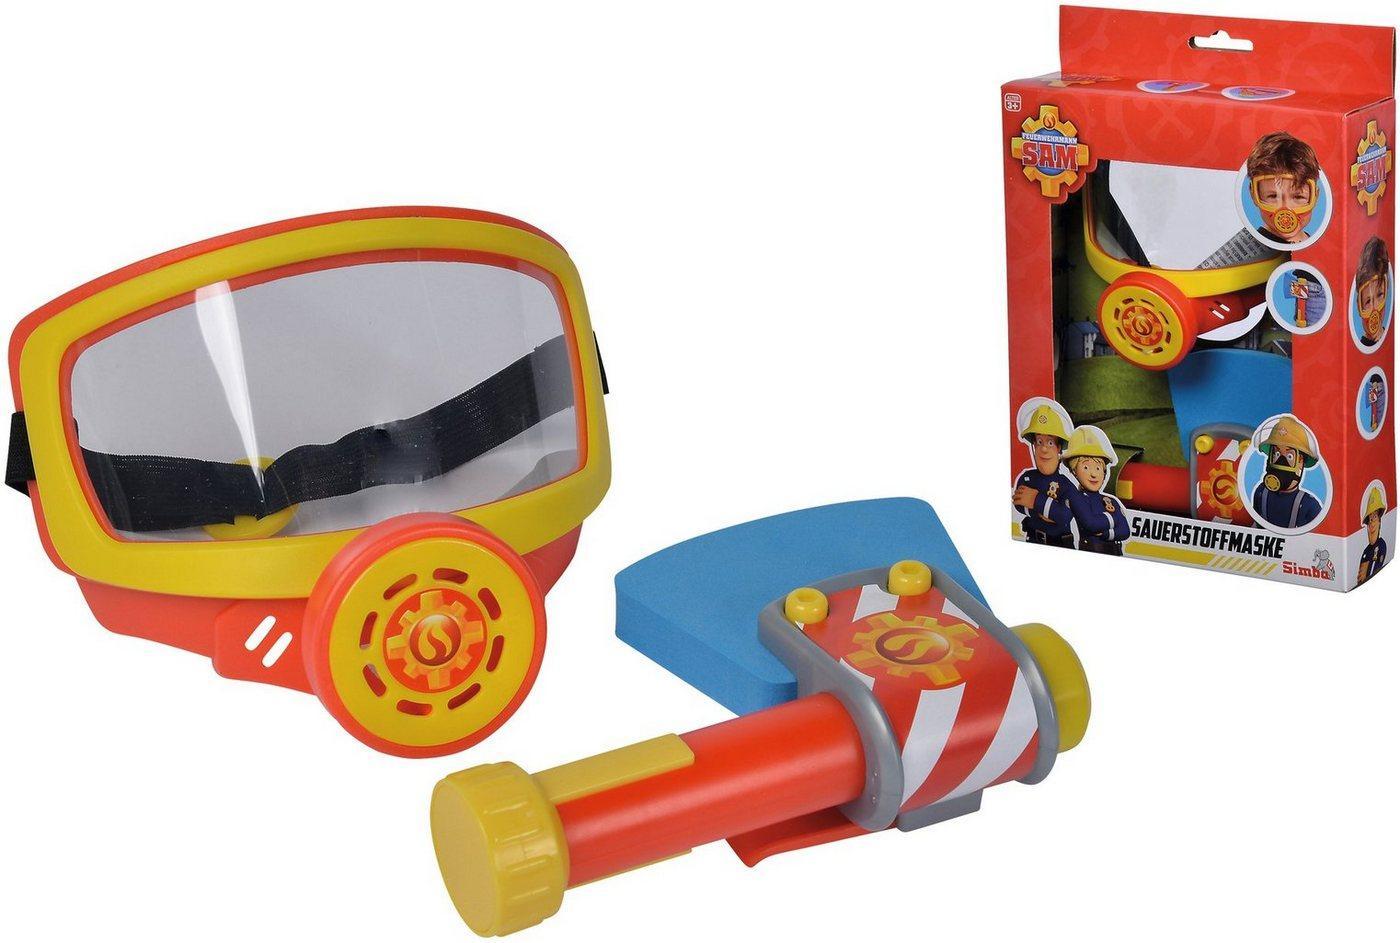 SIMBA Spielzeug-Sauerstoffmaske »Feuerwehrmann Sam, Feuerwehr Sauerstoffmaske«, (Set, 2-tlg), mit Spielzeug-Axt